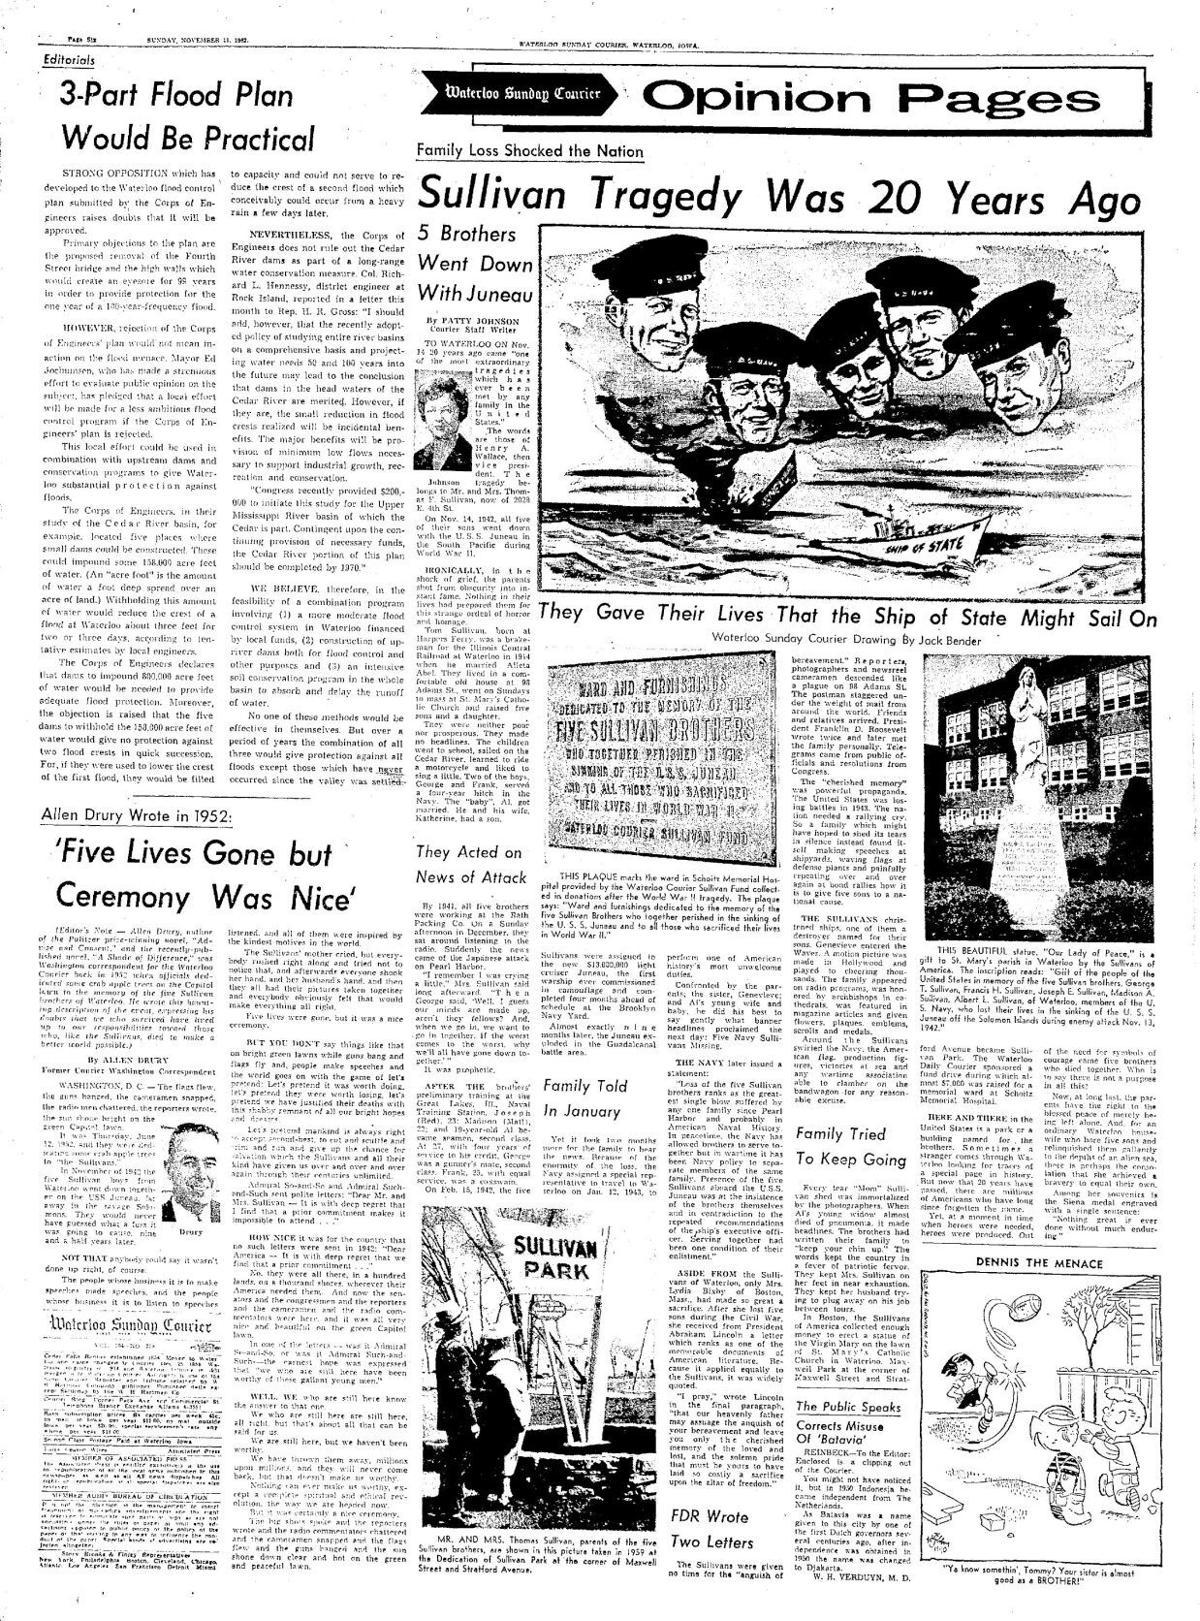 Courier Nov. 11, 1962